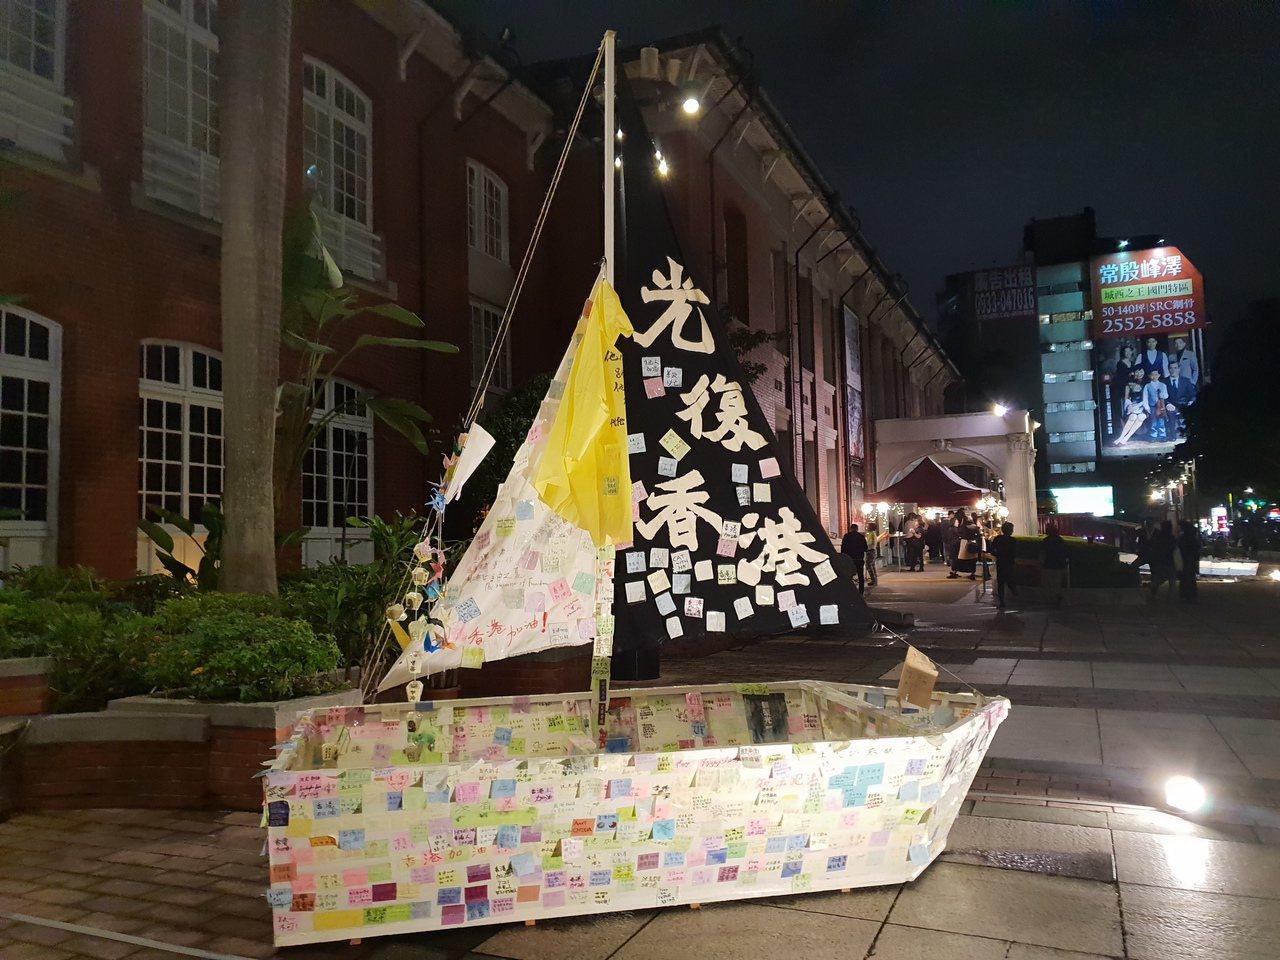 台北當代藝術館外,停泊一艘「自由號連儂船」,揚起寫著「光復香港、時代革命」的旗幟...